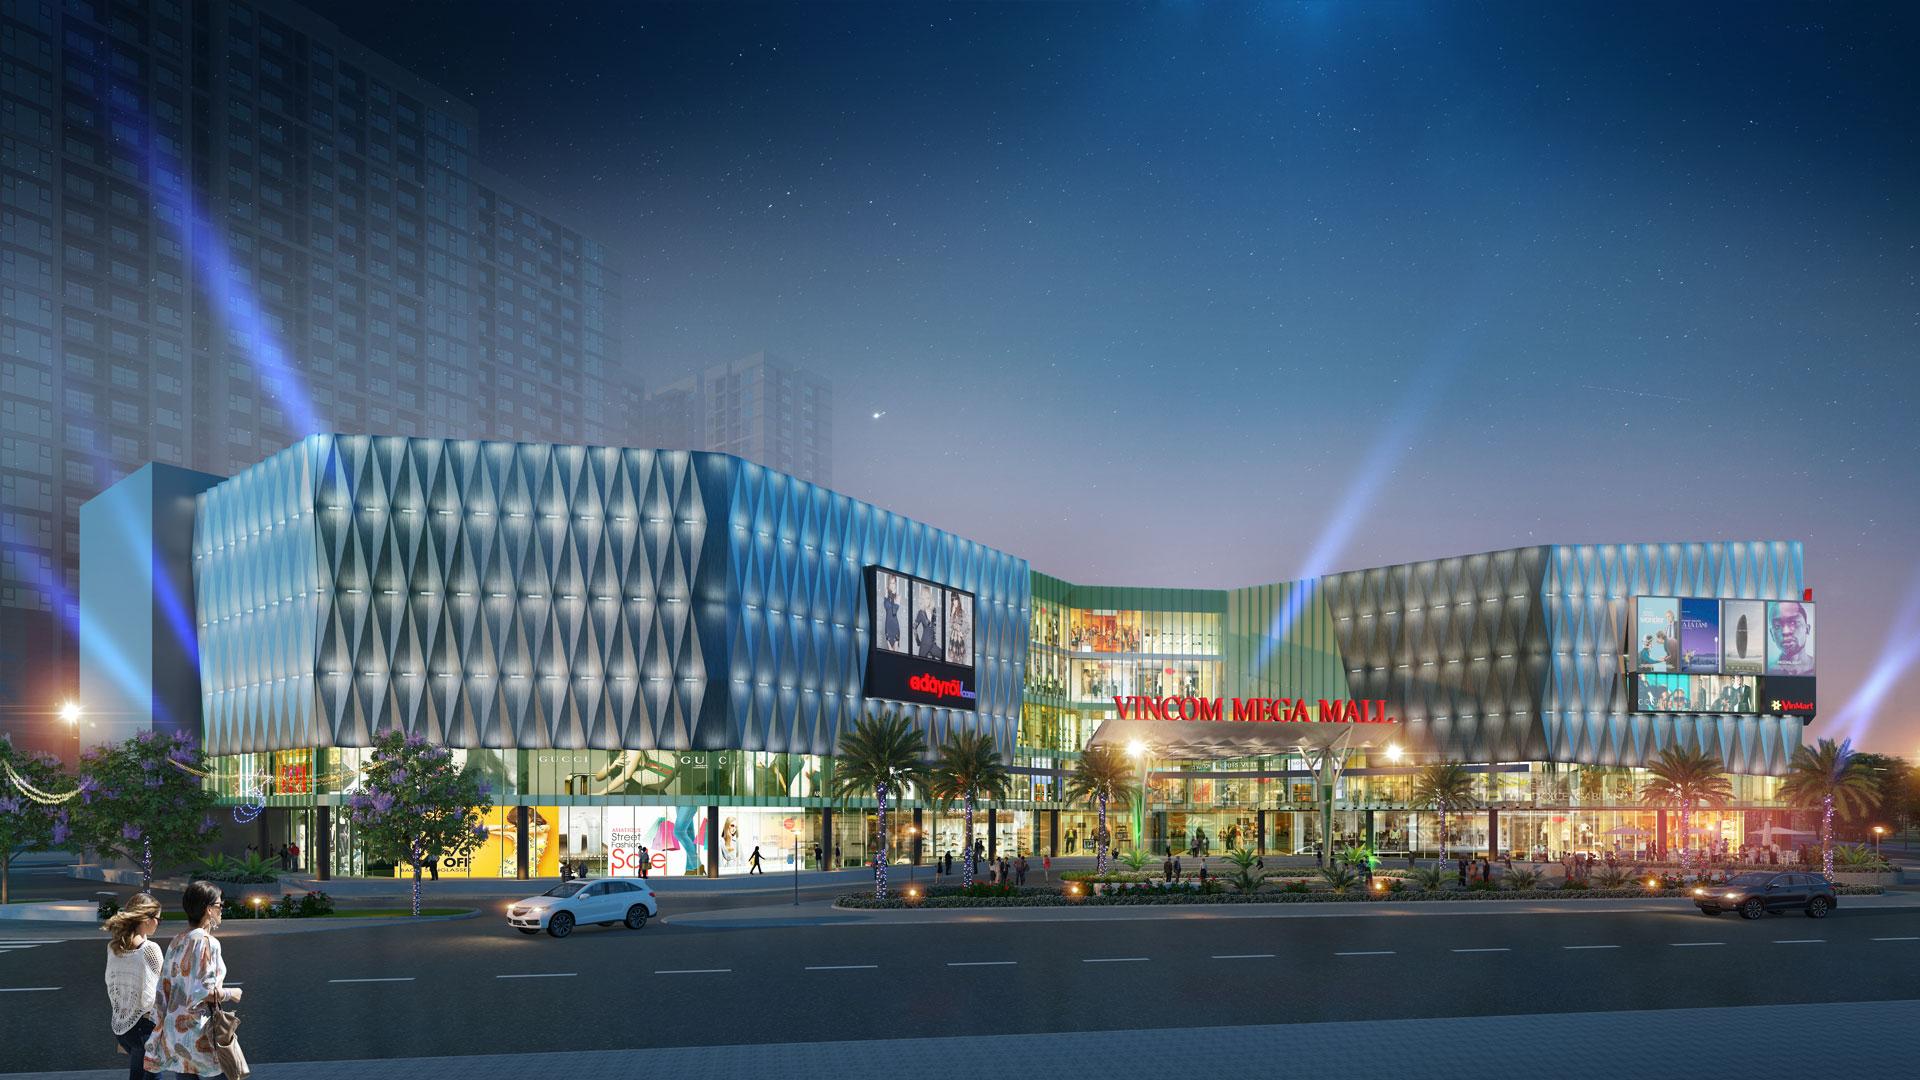 Trung tâm thương mại Vincom Mega Mall sầm uất nhất phía Nam